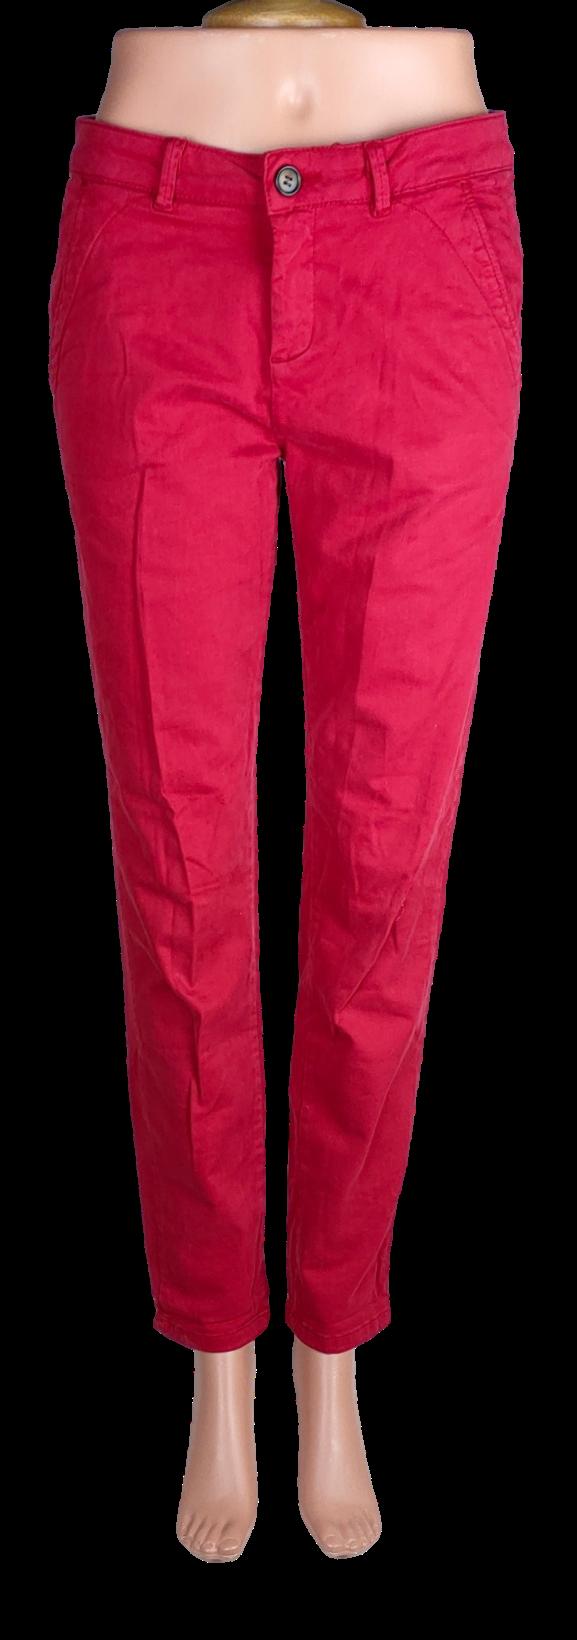 Pantalon Reiko -Taille 36